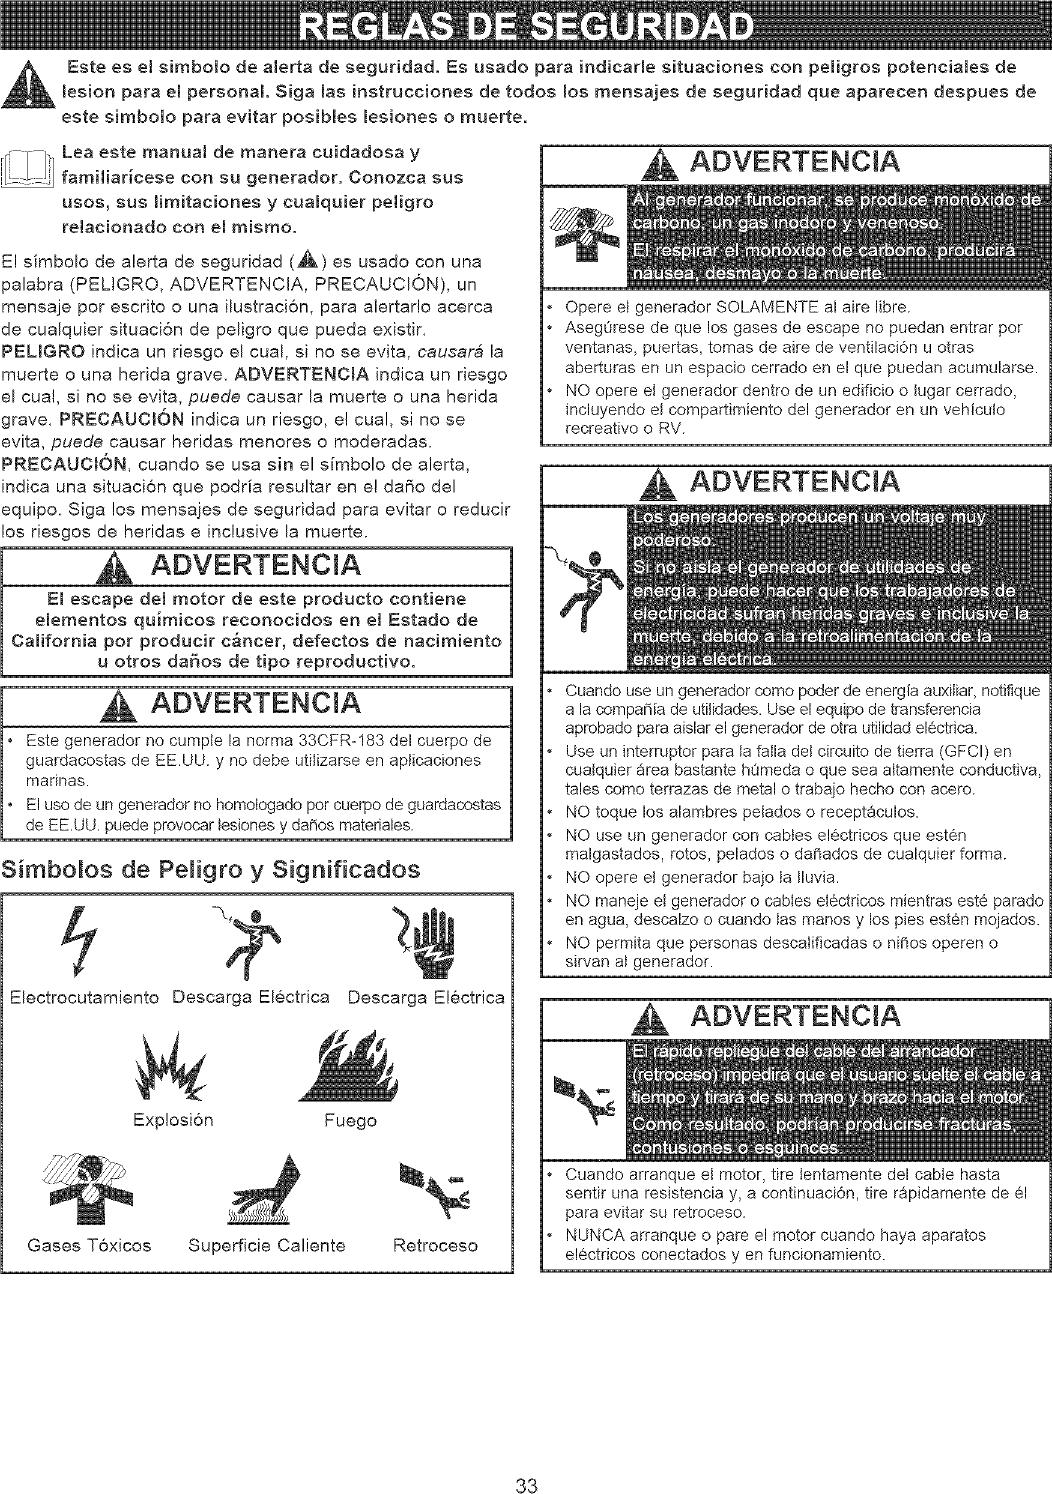 Nett Hausverkabelung Methoden Galerie - Verdrahtungsideen - korsmi.info